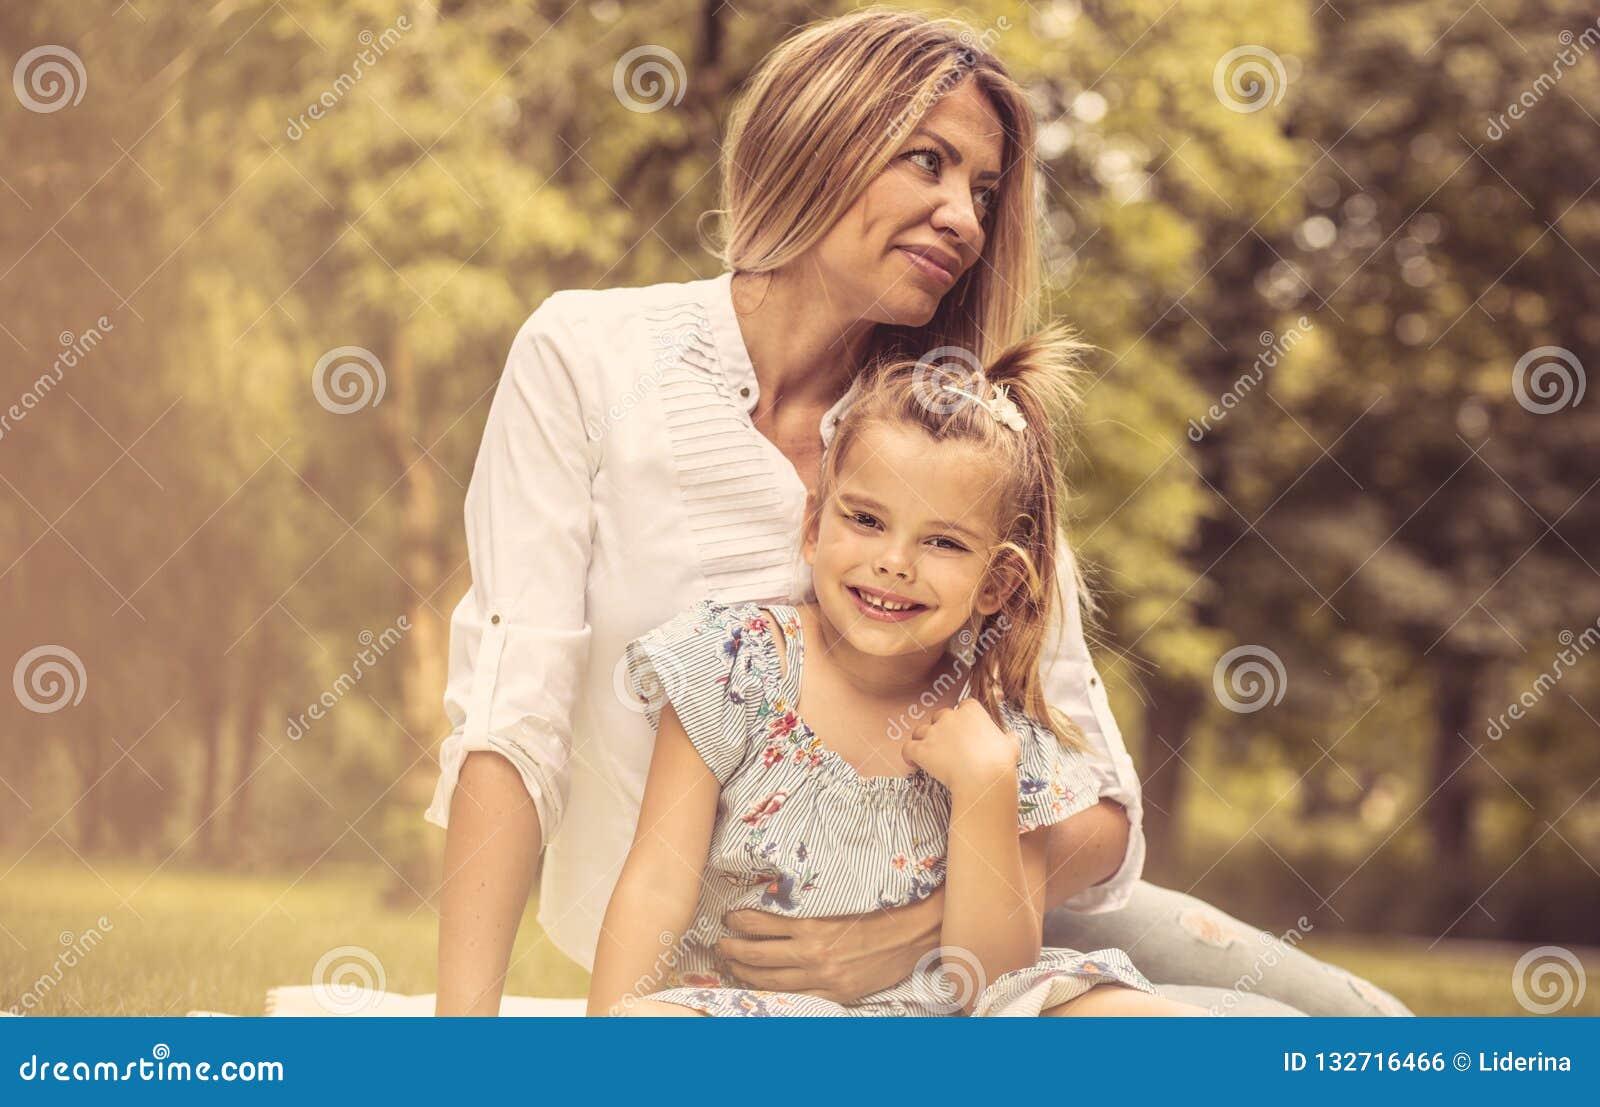 День с мамой